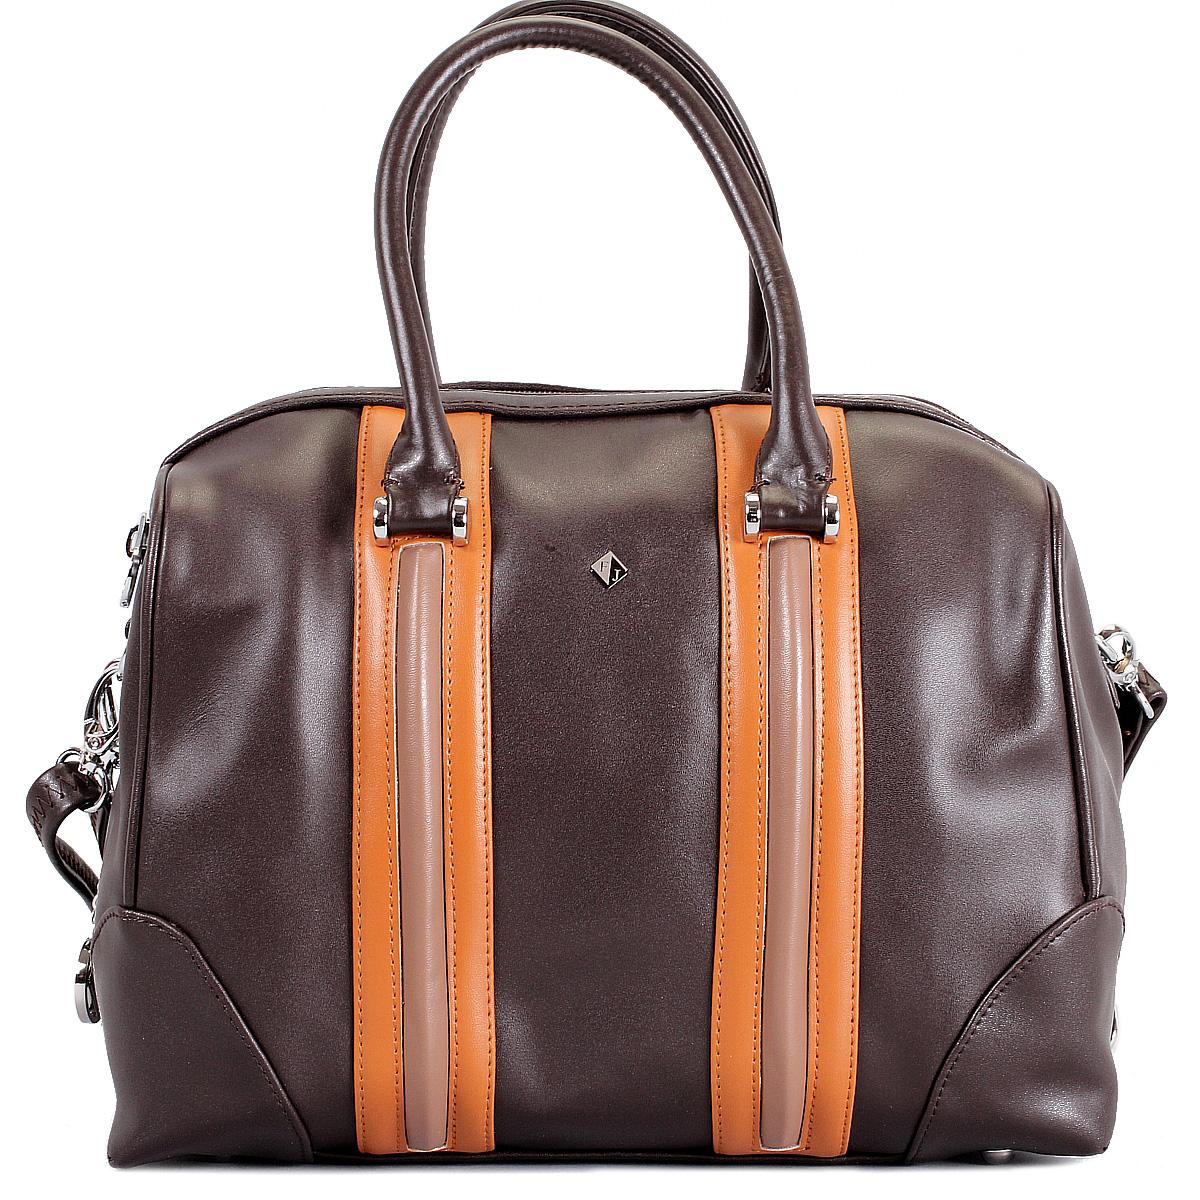 Сумка женская Flioraj, цвет: темно-коричневый, рыжий, капучино. 580434-1B-12/29/11580434-1B-12/29/11 кор/рыжСтильная женская сумка Flioraj выполнена из высококачественной натуральной кожи с отделкой в виде кожаных вставок контрастного цвета. Сумка имеет одно отделение, закрывающееся на застежку-молнию. Внутри - два кармана на застежка-молниях и два накладных кармашка для мелочей. Сумка оснащена двумя удобными ручками, съемным плечевым регулируемым ремнем на карабинах и жестким основанием с четырьмя ножками. Сумка украшена металлическим брелоком в виде логотипа фирмы. Элегантность этой сумочки определяется игрой линий и форм, которые сочетаются с модным декором. Ее обладательница привыкла брать от жизни все и наслаждаться каждым ее моментом. Такая сумка станет идеальным дополнением к вашему образу!